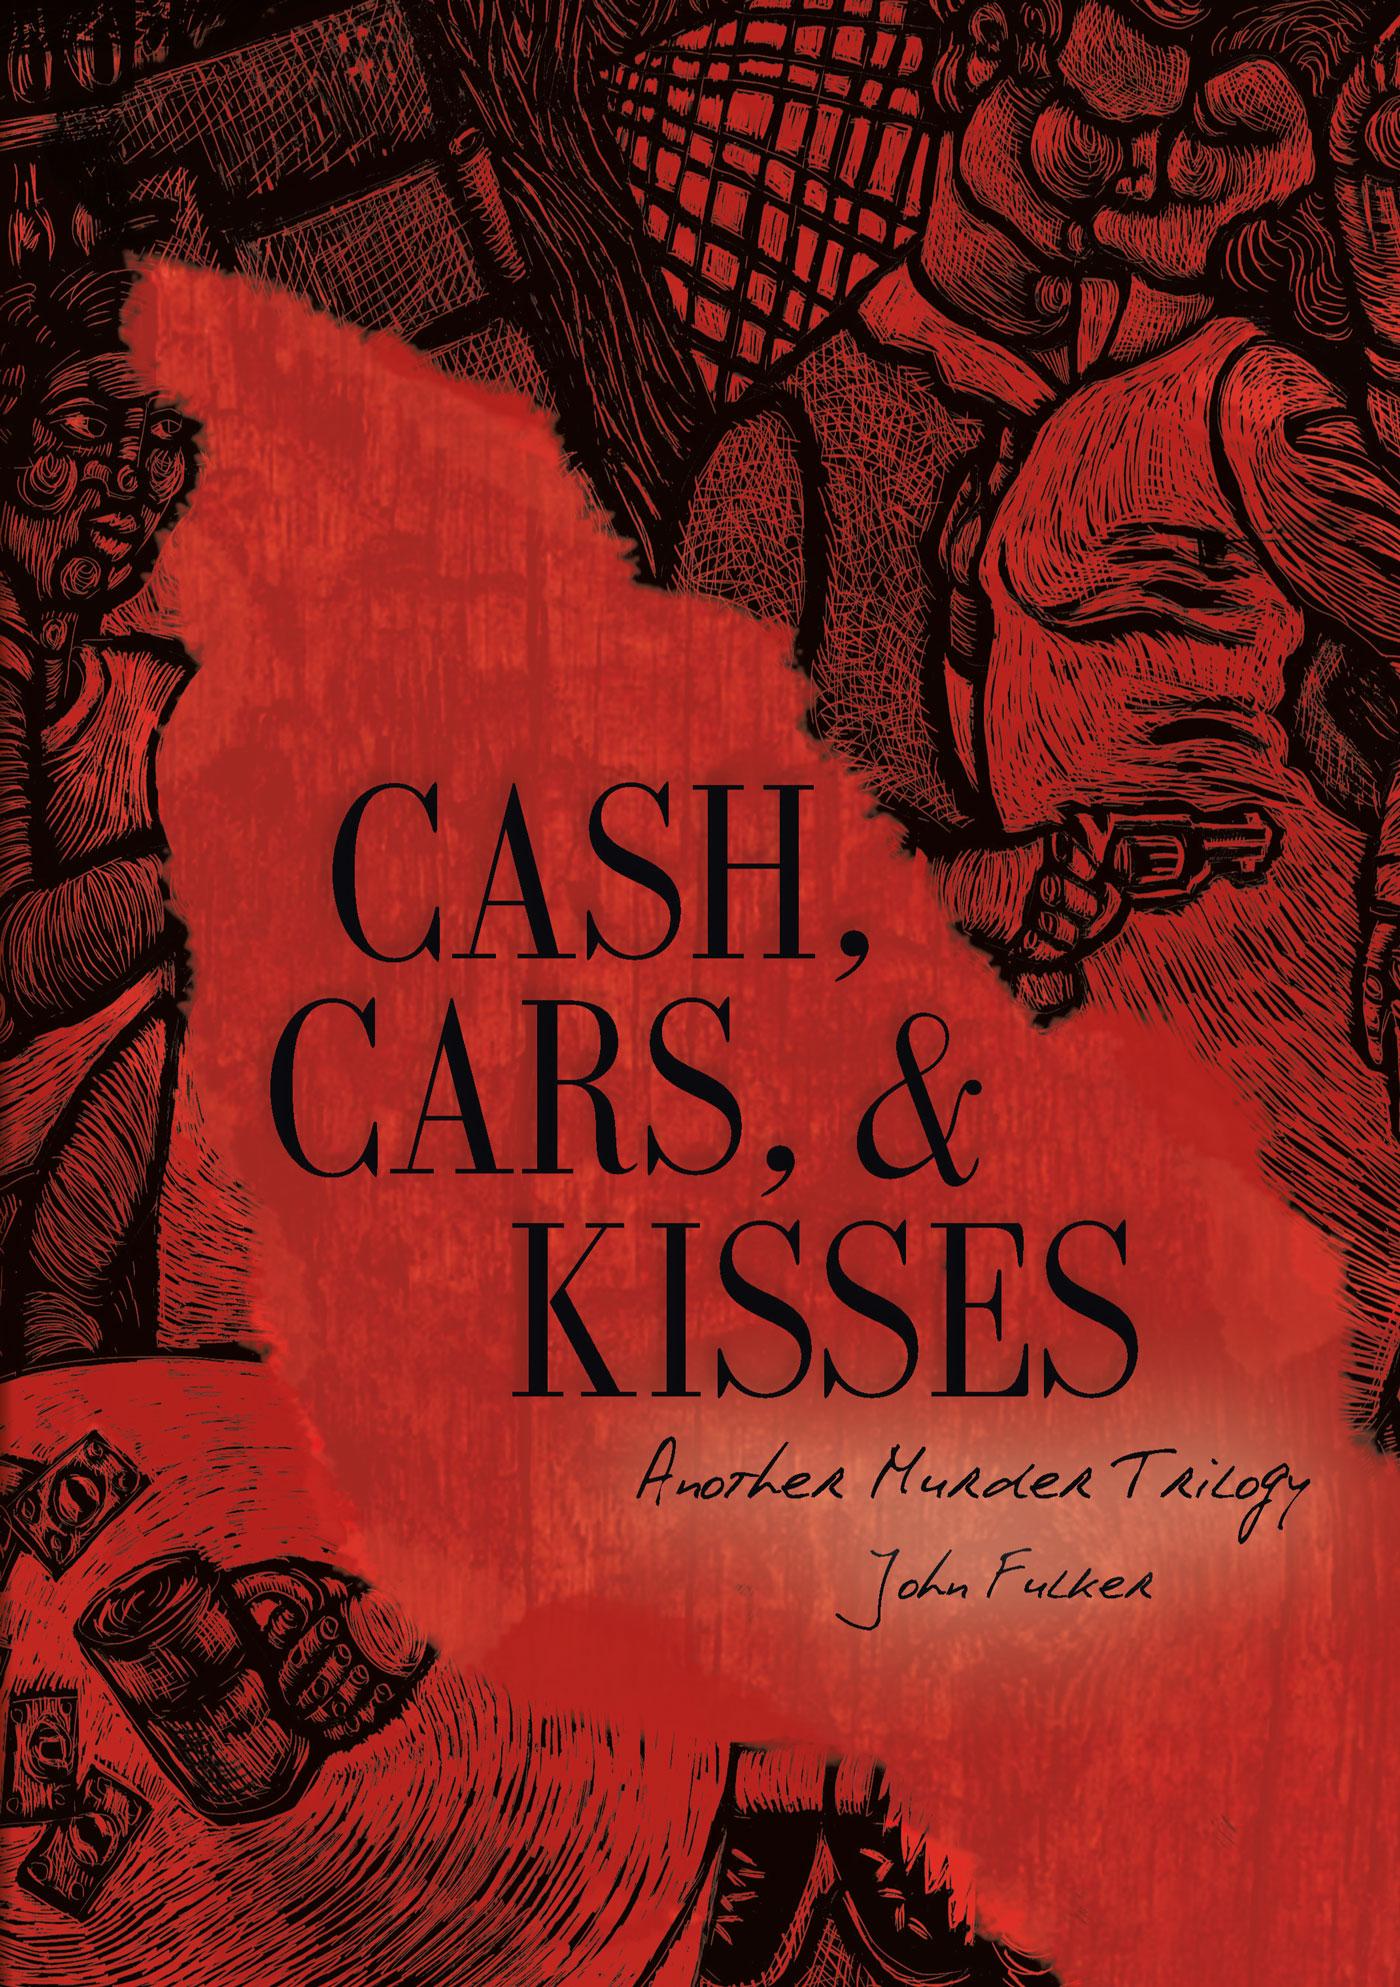 John Fulker's book, Cash, Cars, & Kisses